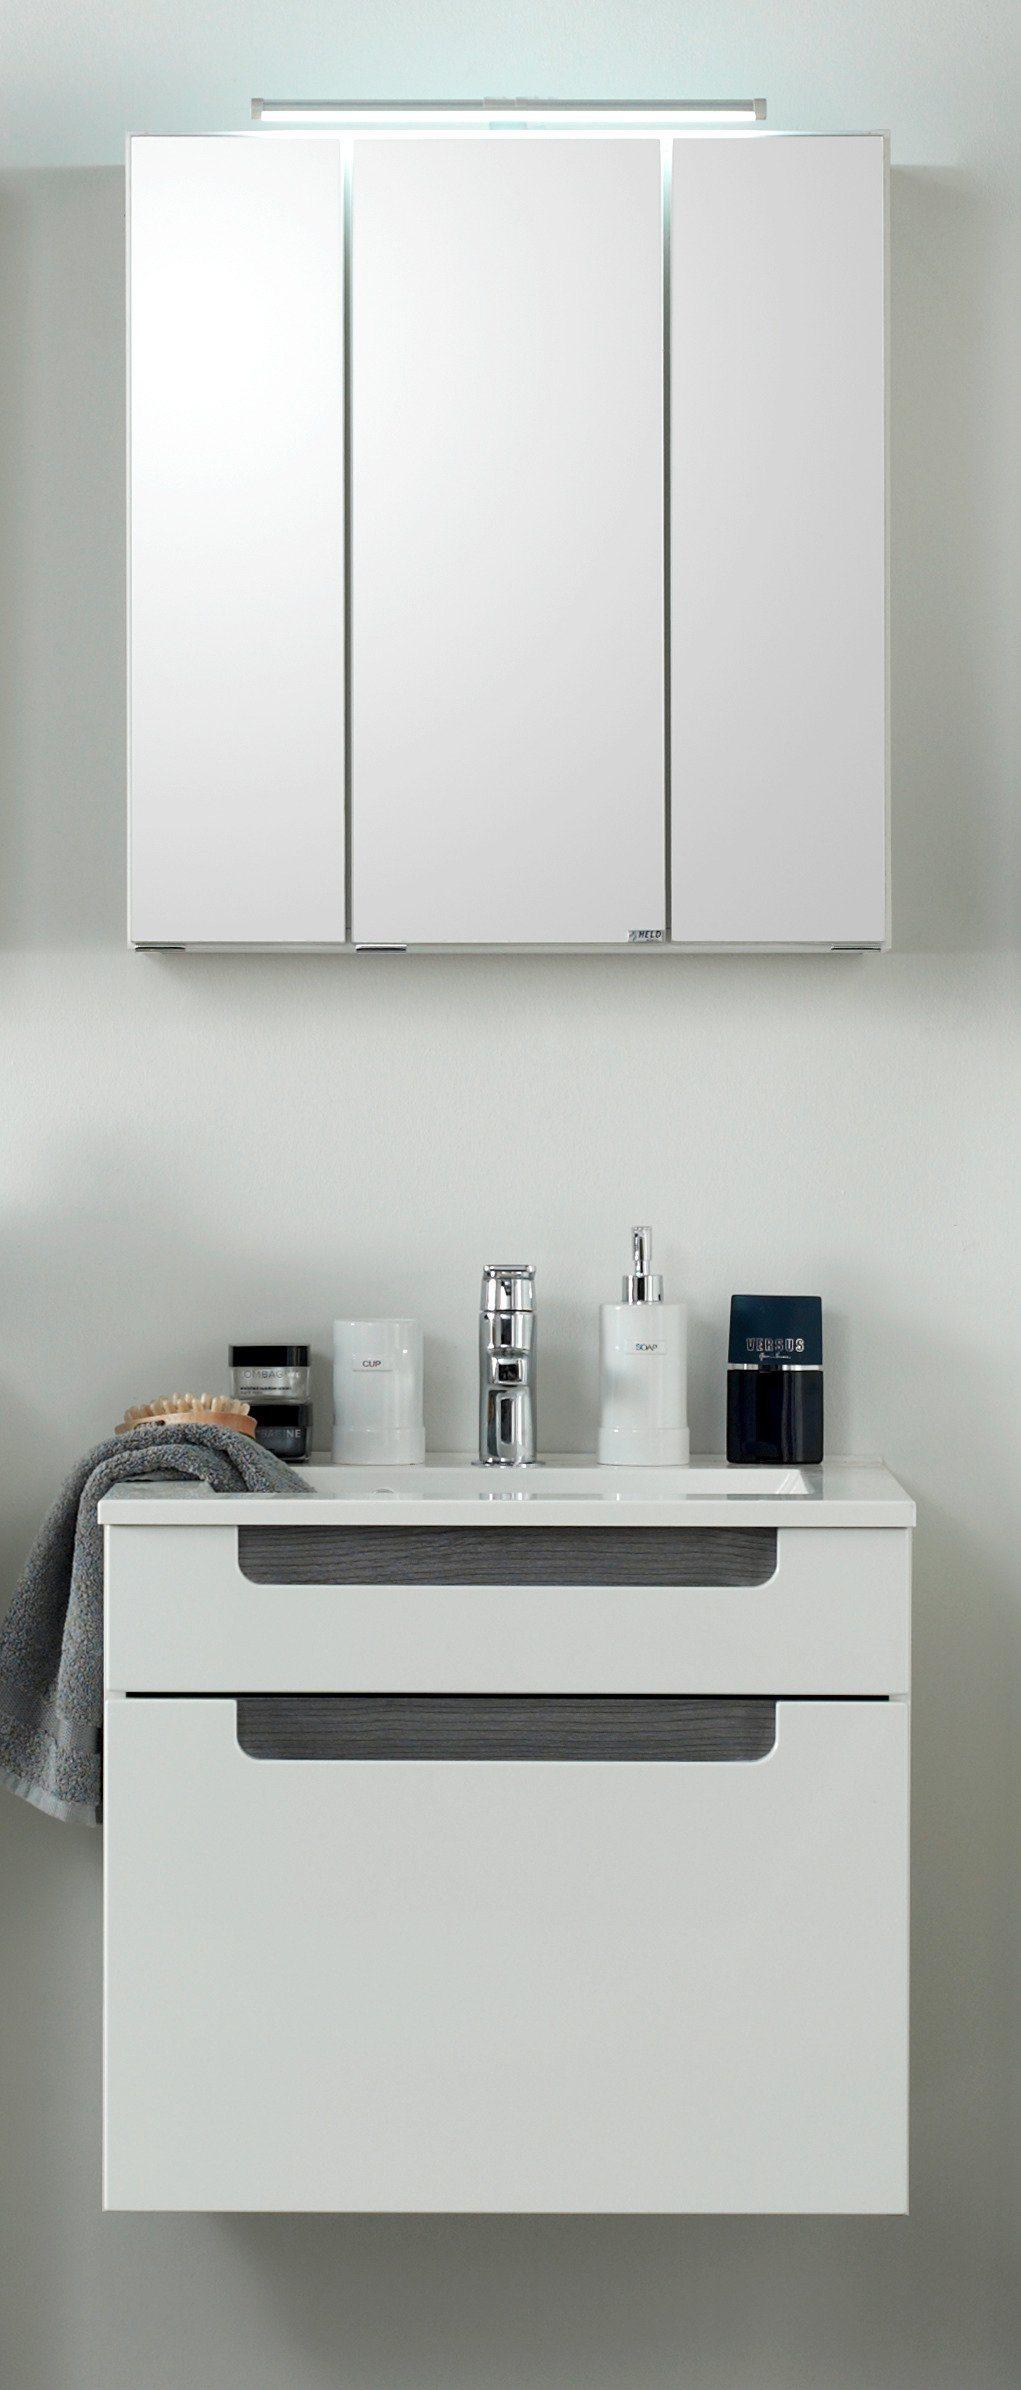 sadena Badmöbel-Sets online kaufen   Möbel-Suchmaschine   ladendirekt.de